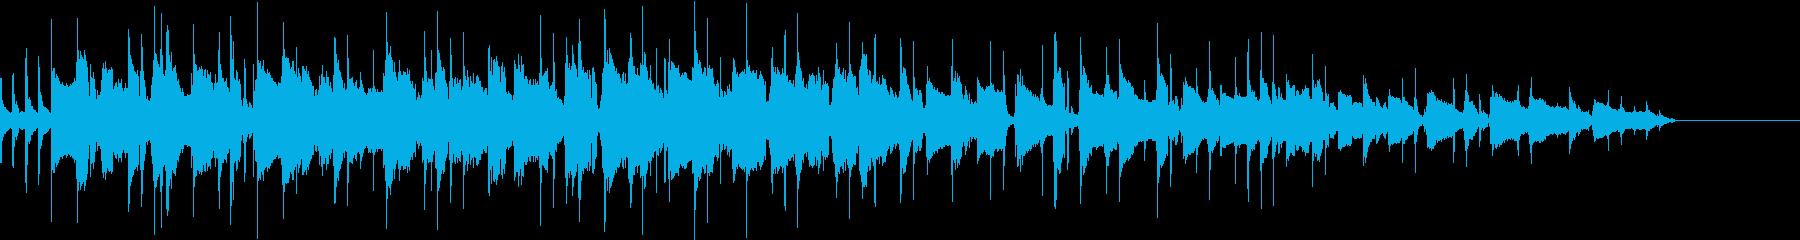 バウンドサウンド邦ロック風OP用BGM2の再生済みの波形